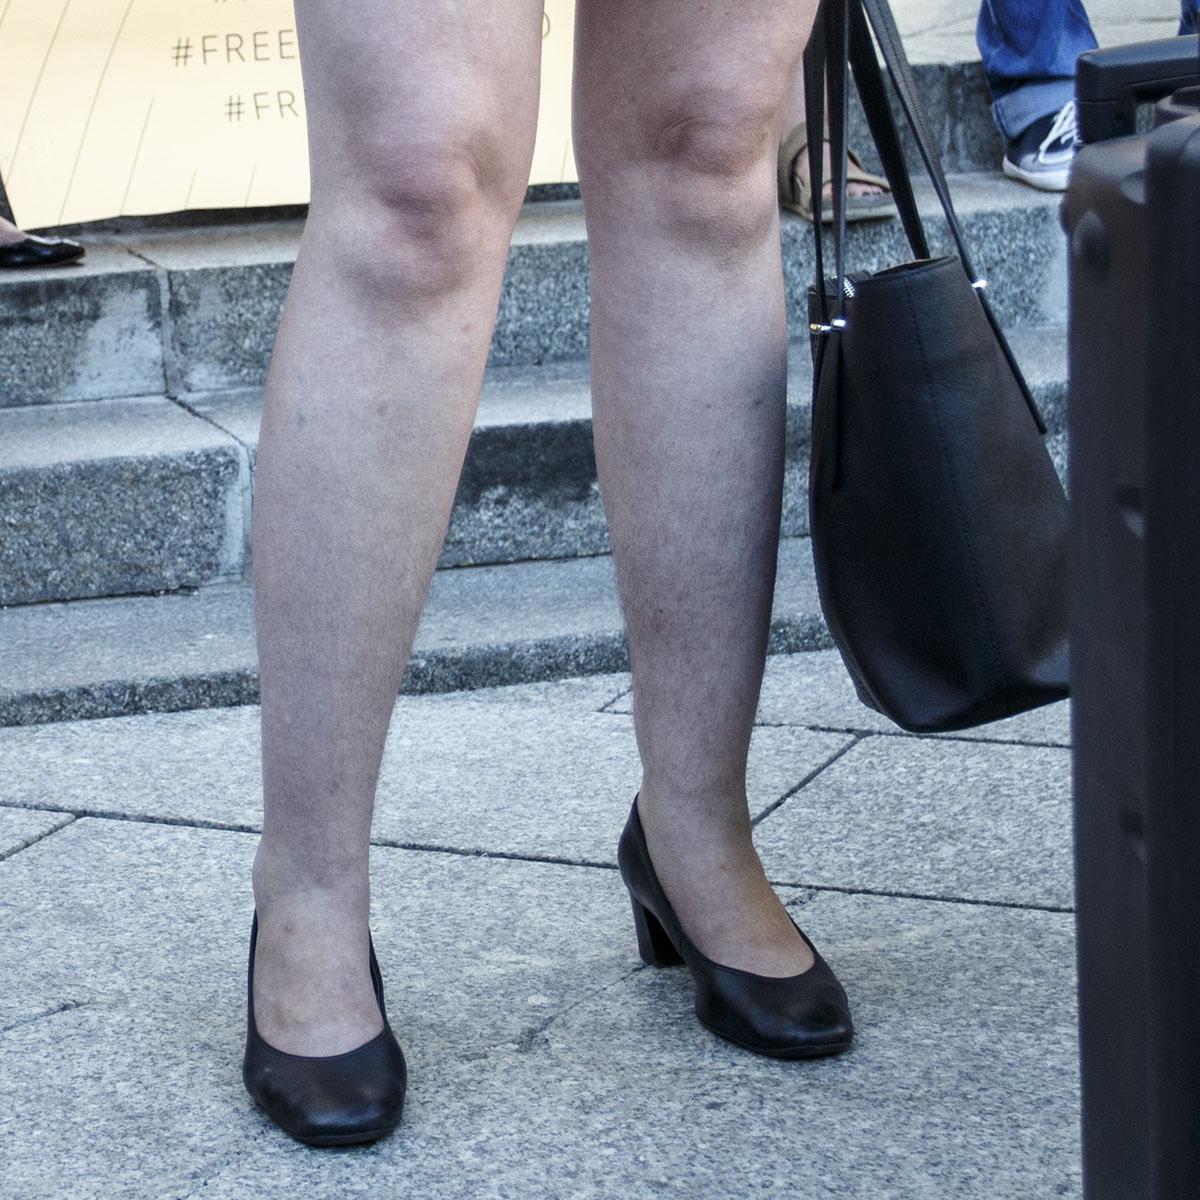 проститутки с волосатыми ногами